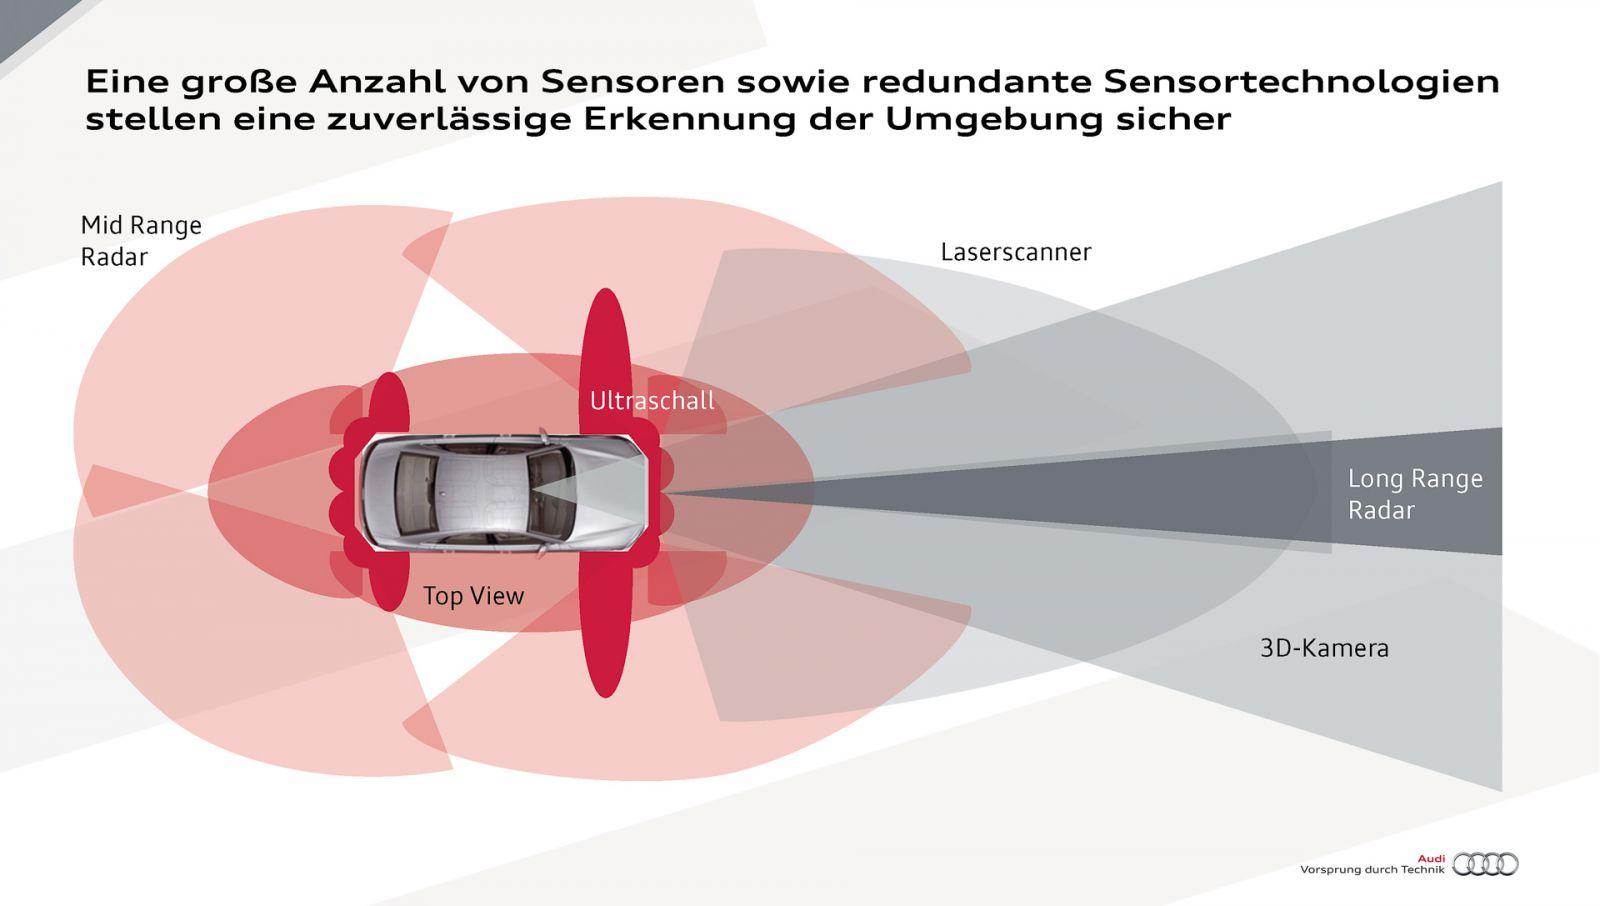 Audi A7 оснащенный автопилотом, «научился» маневрировать между авто 3